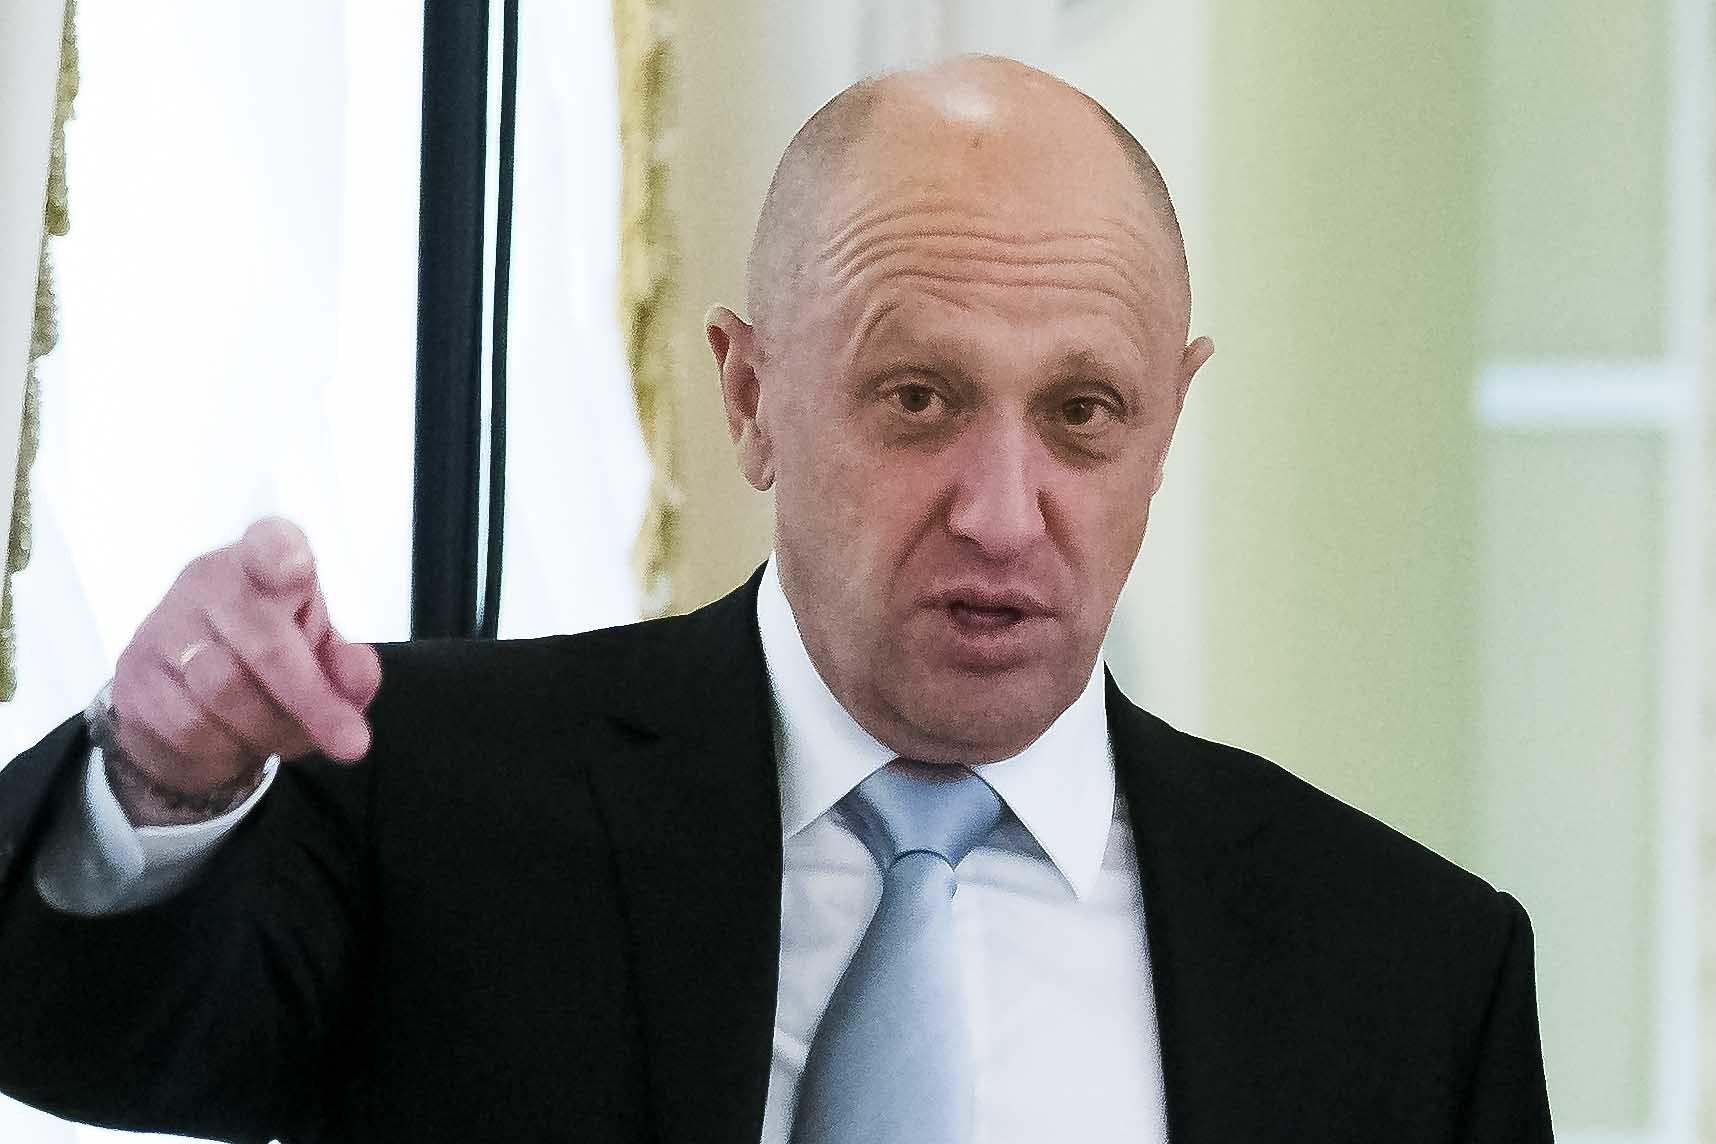 Евгений Пригожин: Я за то, чтобы этот орган законодательной власти помогал, а не мешал губернатору в развитии Петербурга